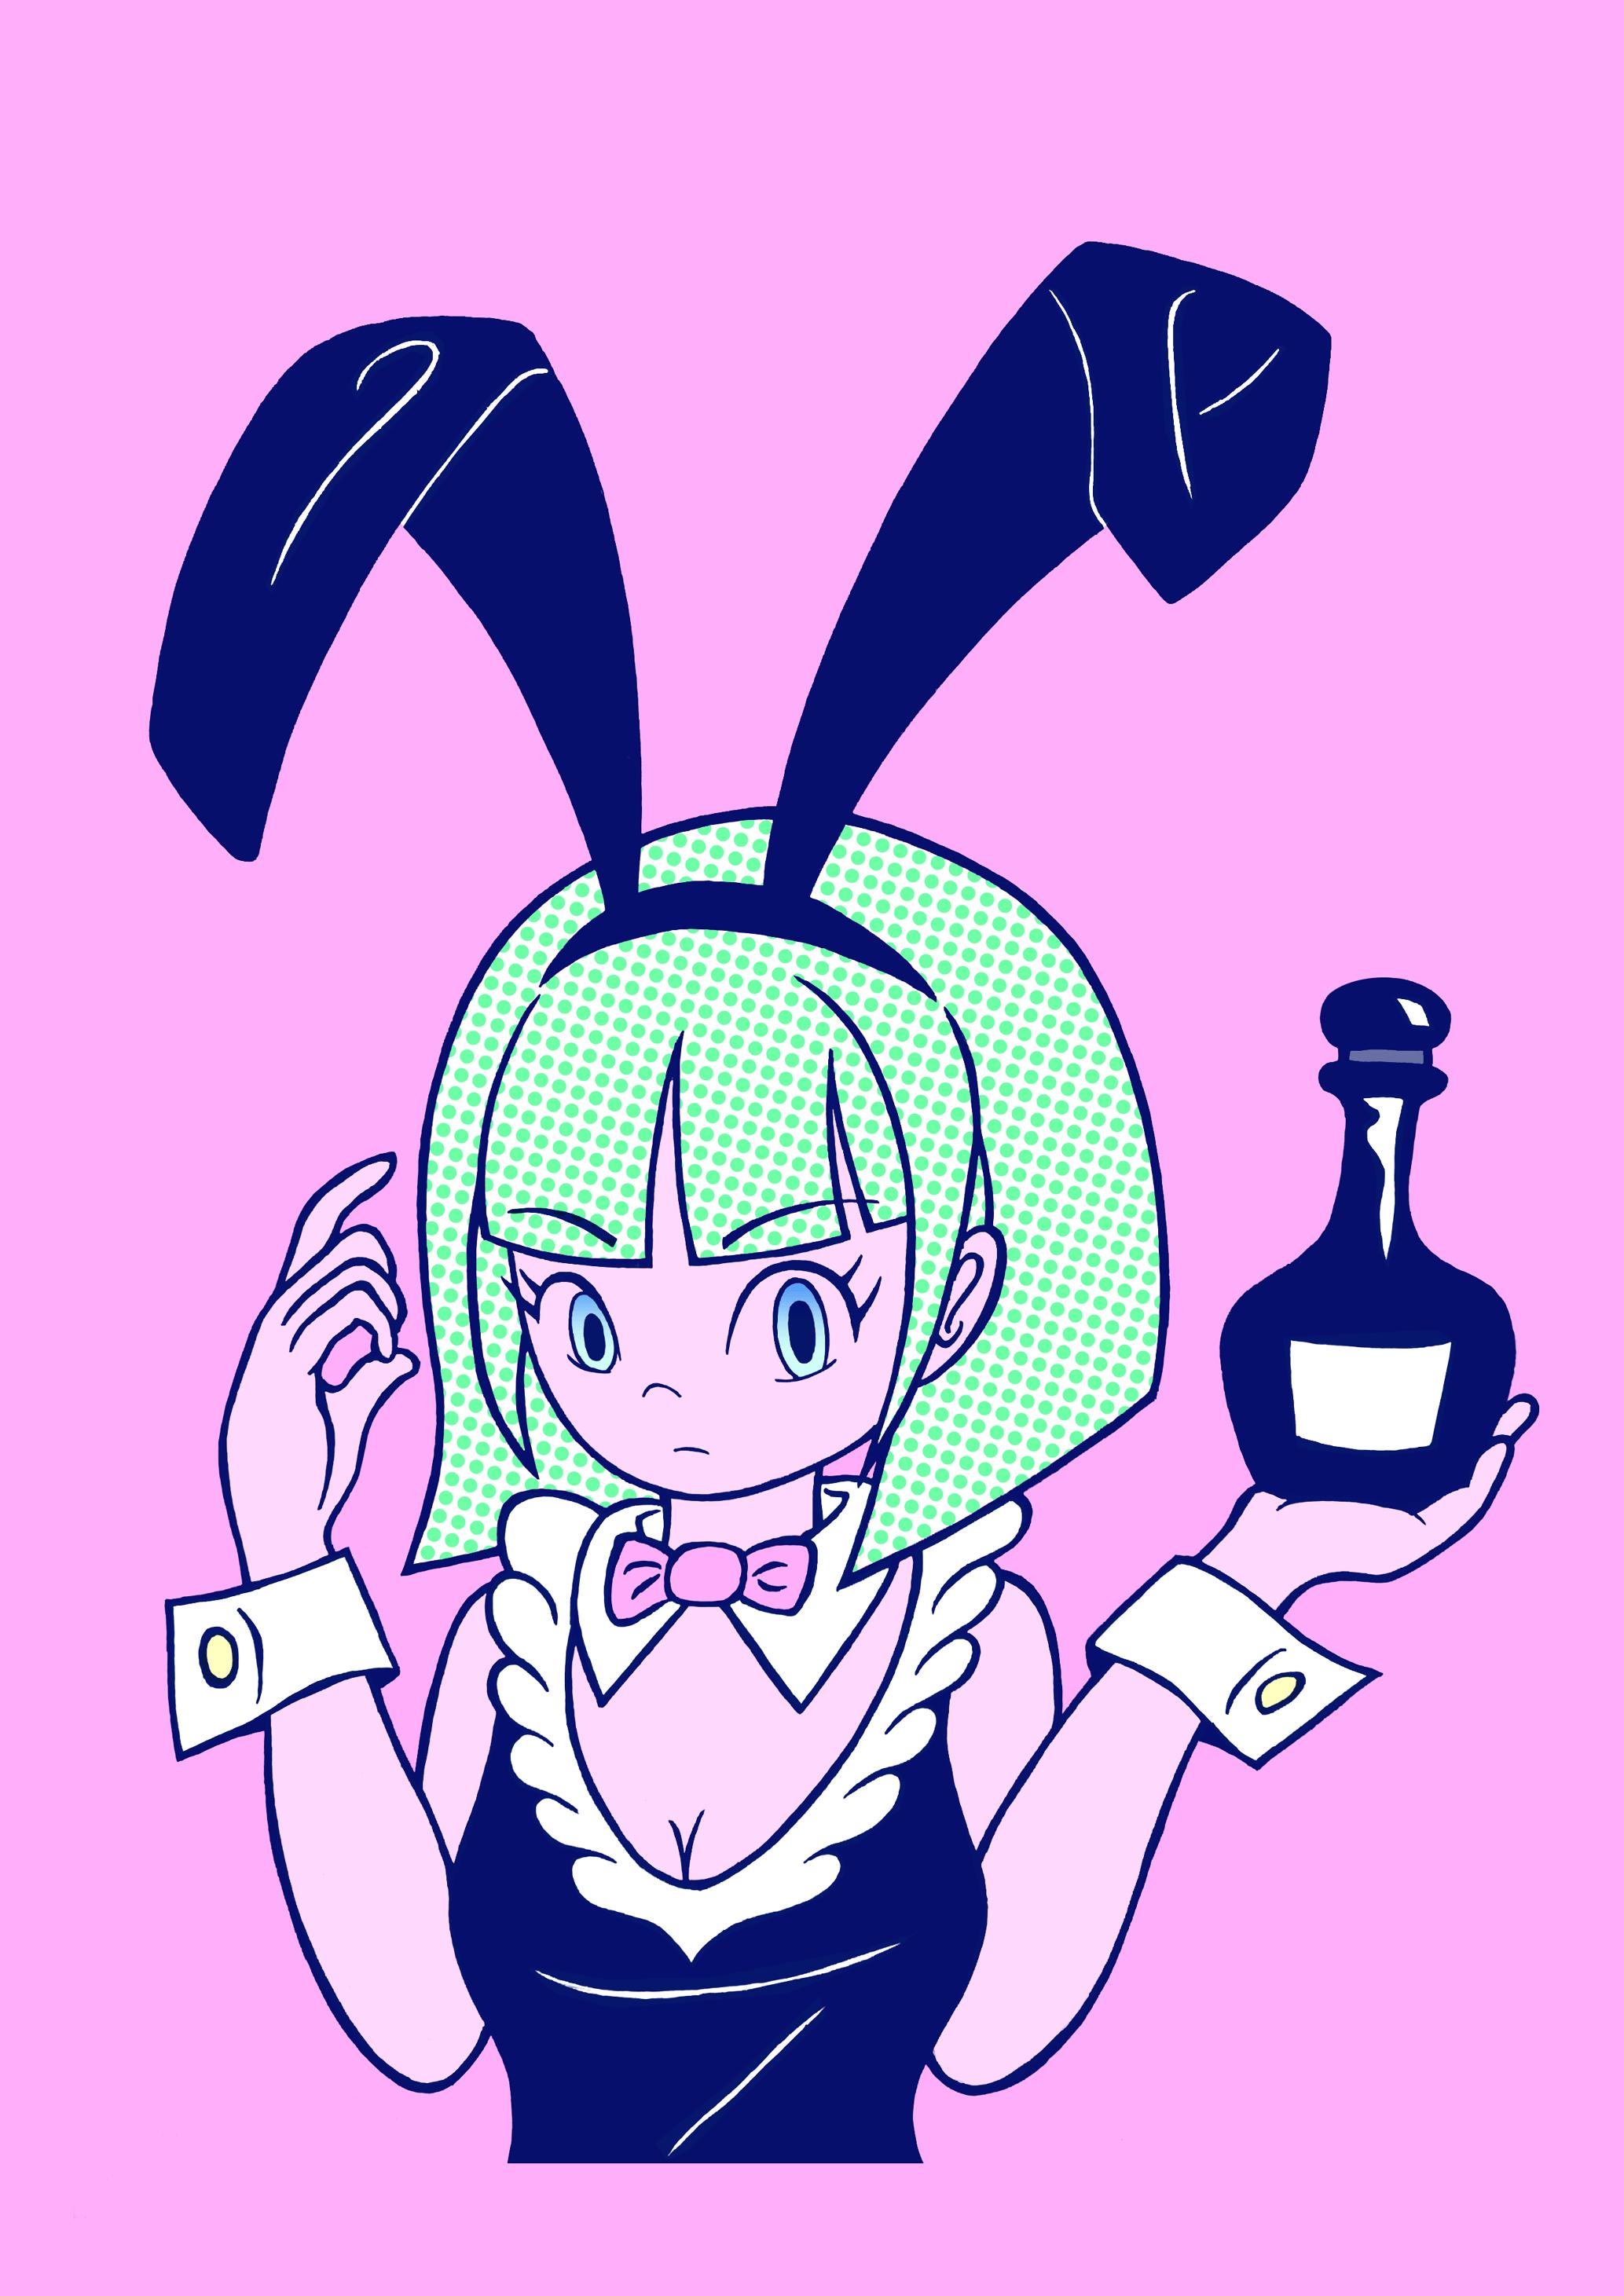 Bunnygirl-June-2018.png